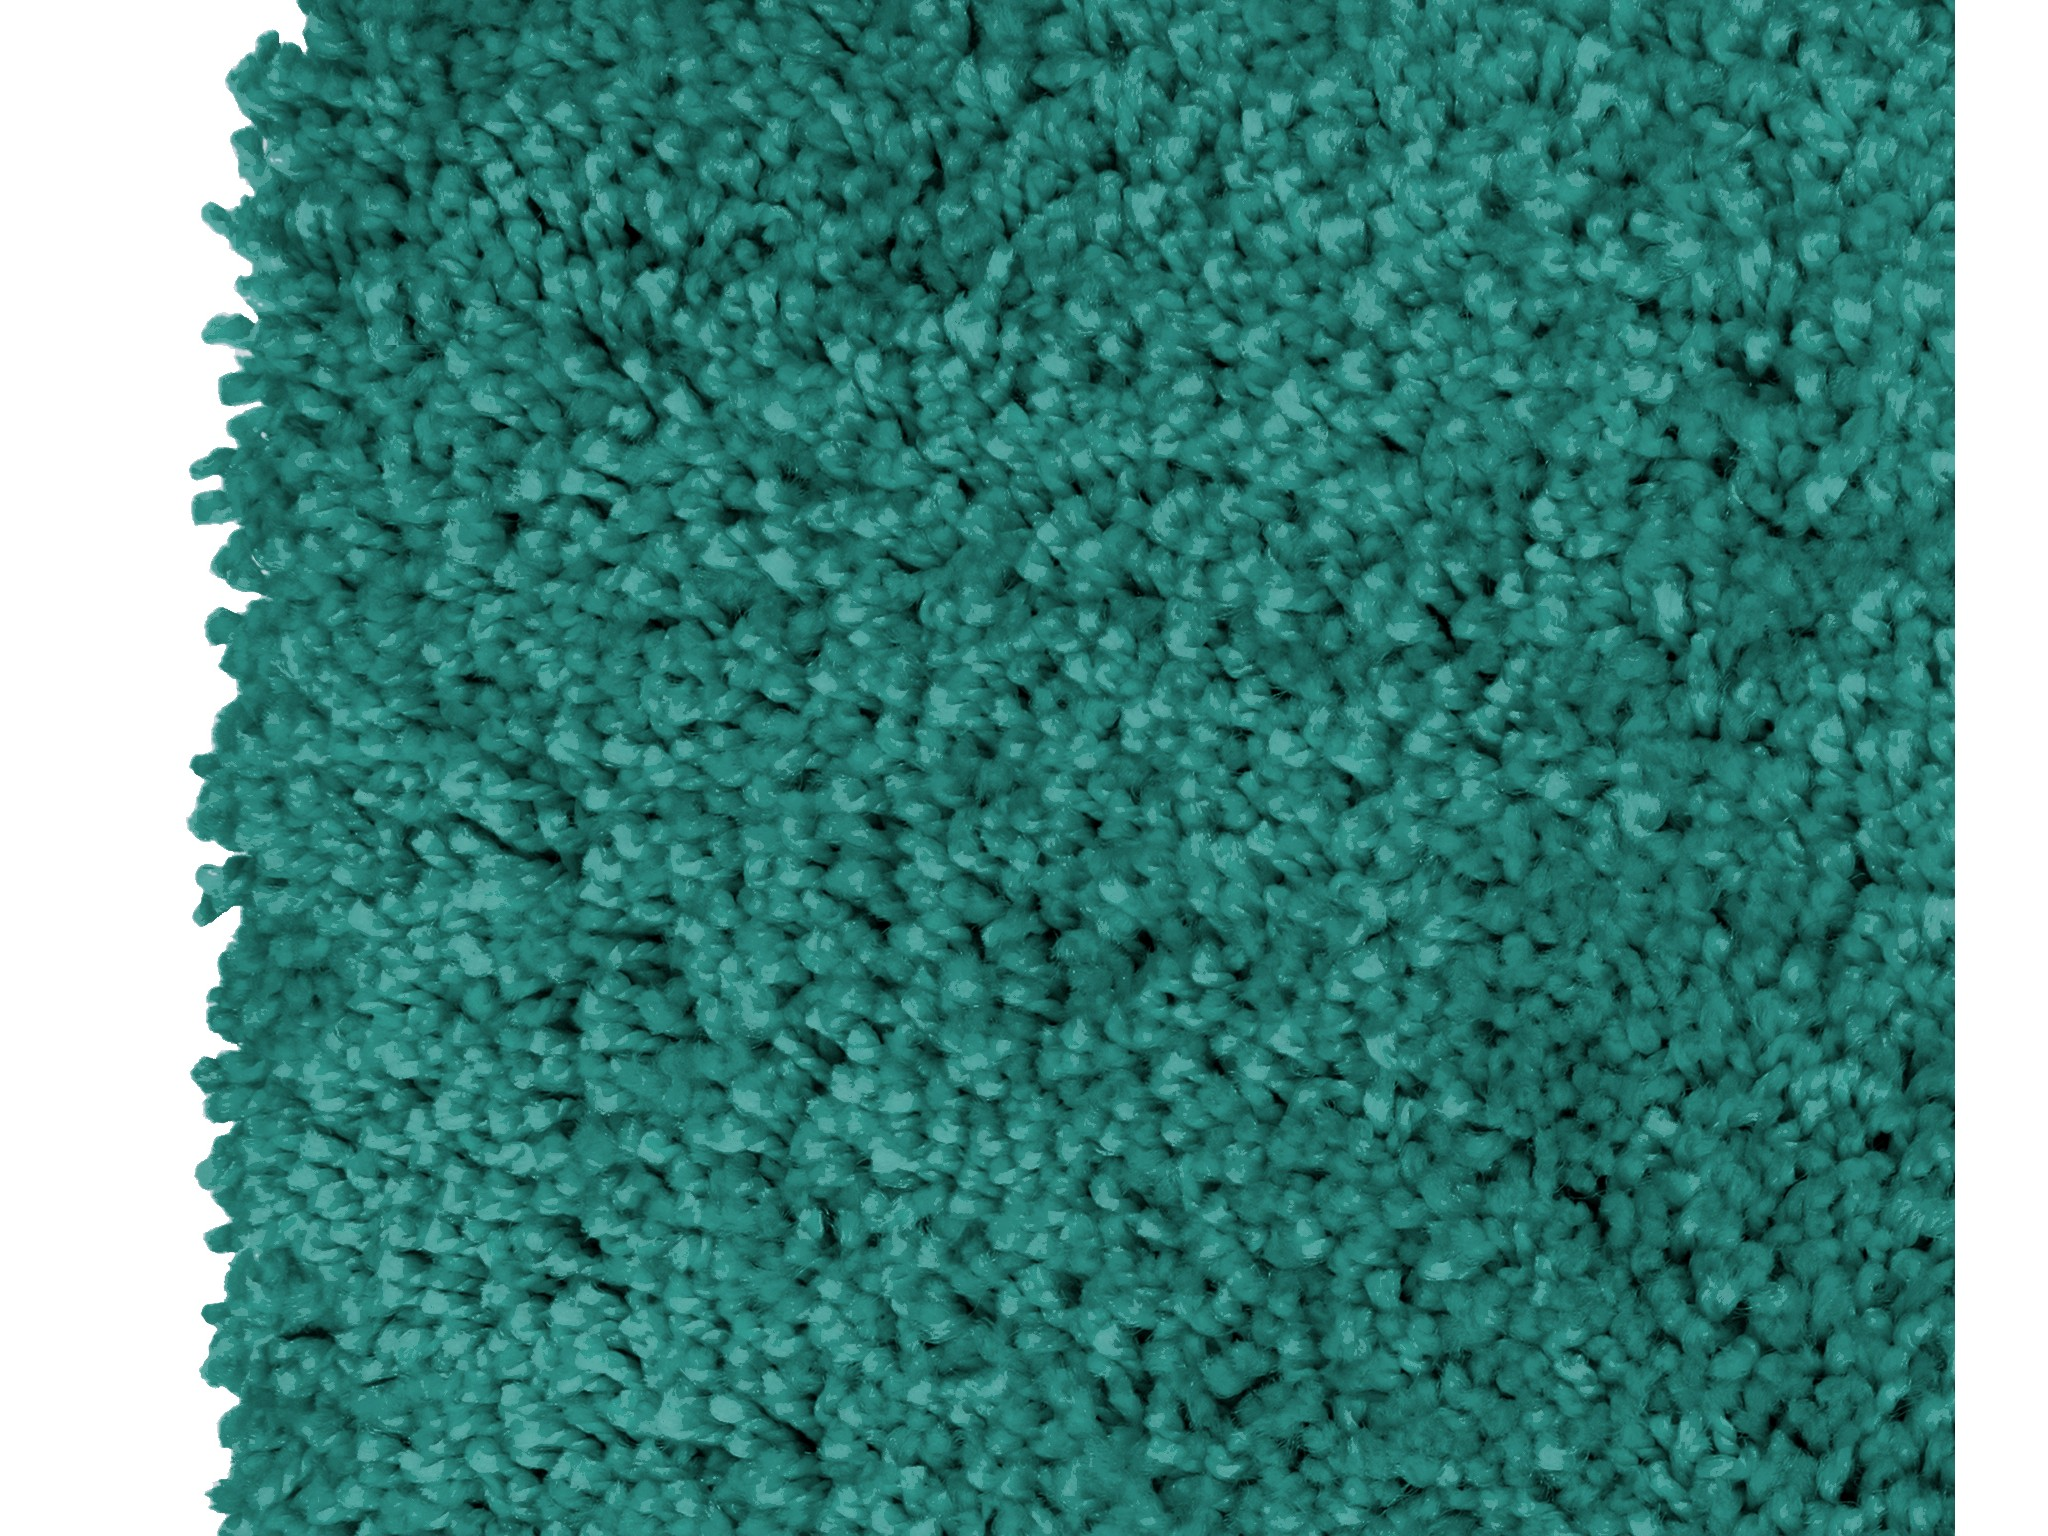 Ковер Velour 150х80Прямоугольные ковры<br>Материал: 100% Полипропилен.<br><br>Material: Текстиль<br>Ширина см: 150<br>Глубина см: 80